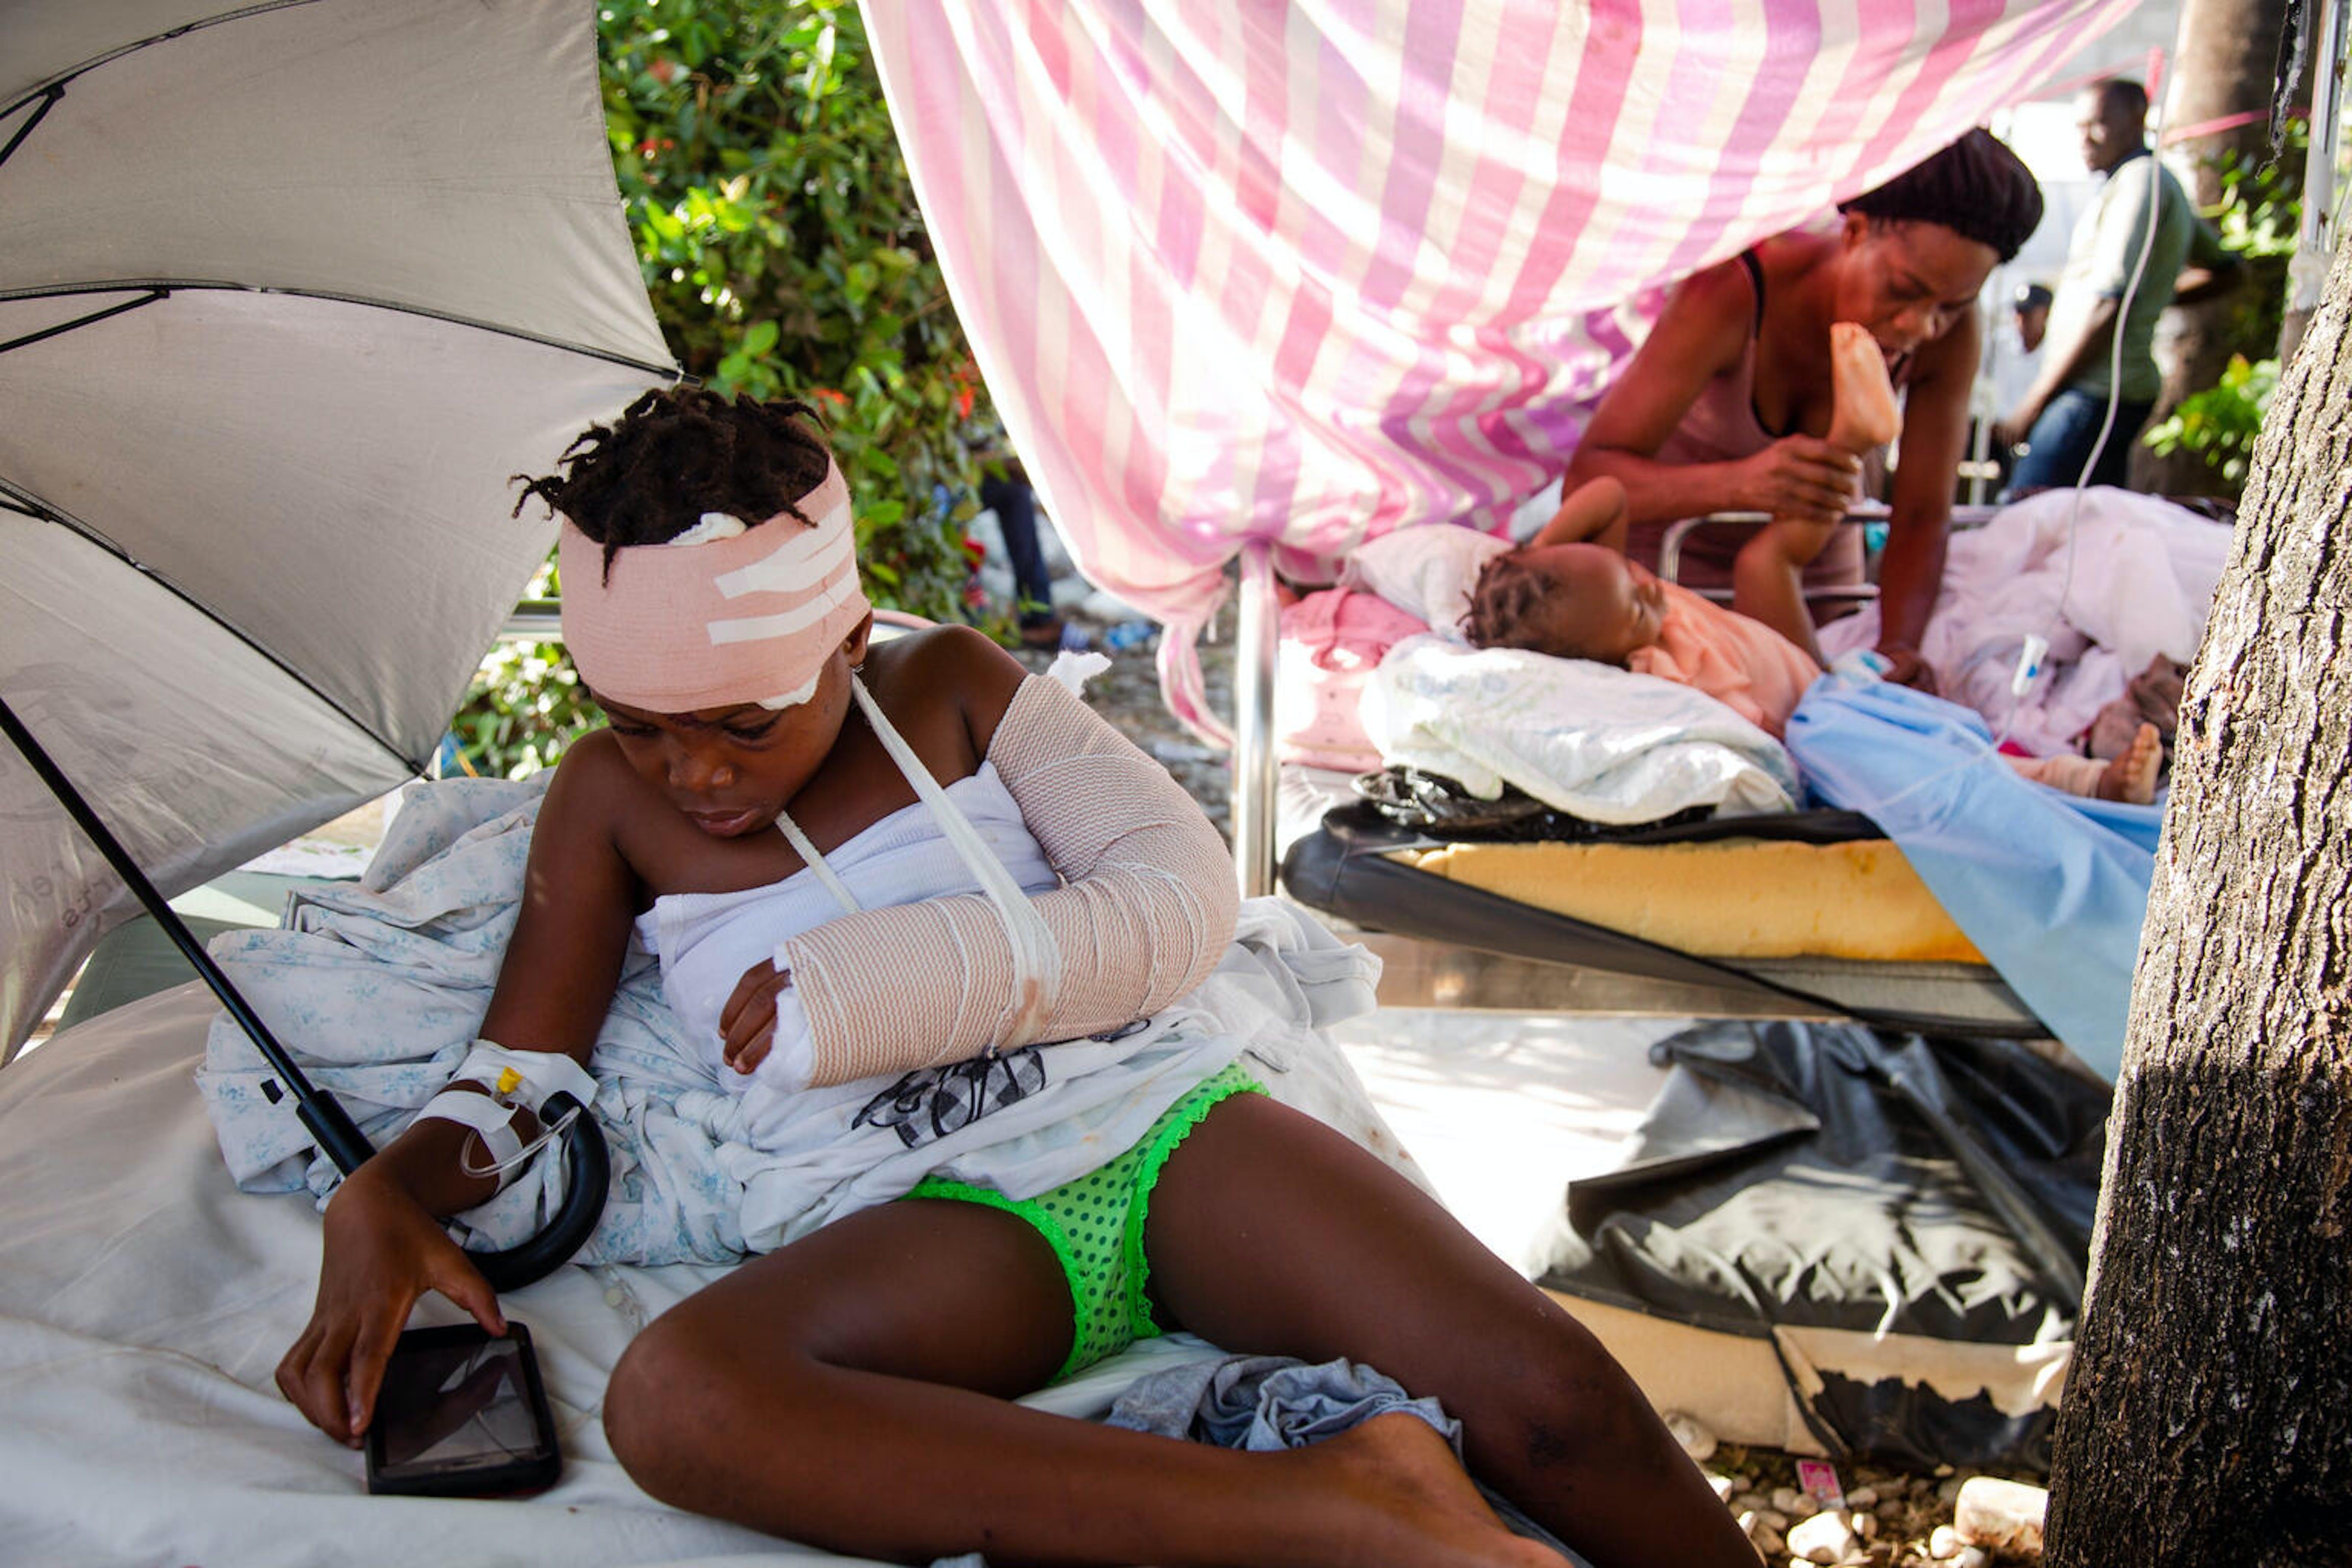 Petiote, 6 anni, attende l'intervento chirurgico per il braccio fratturato, All'Immaculee Conception Hospital a Les Cayes, Haiti